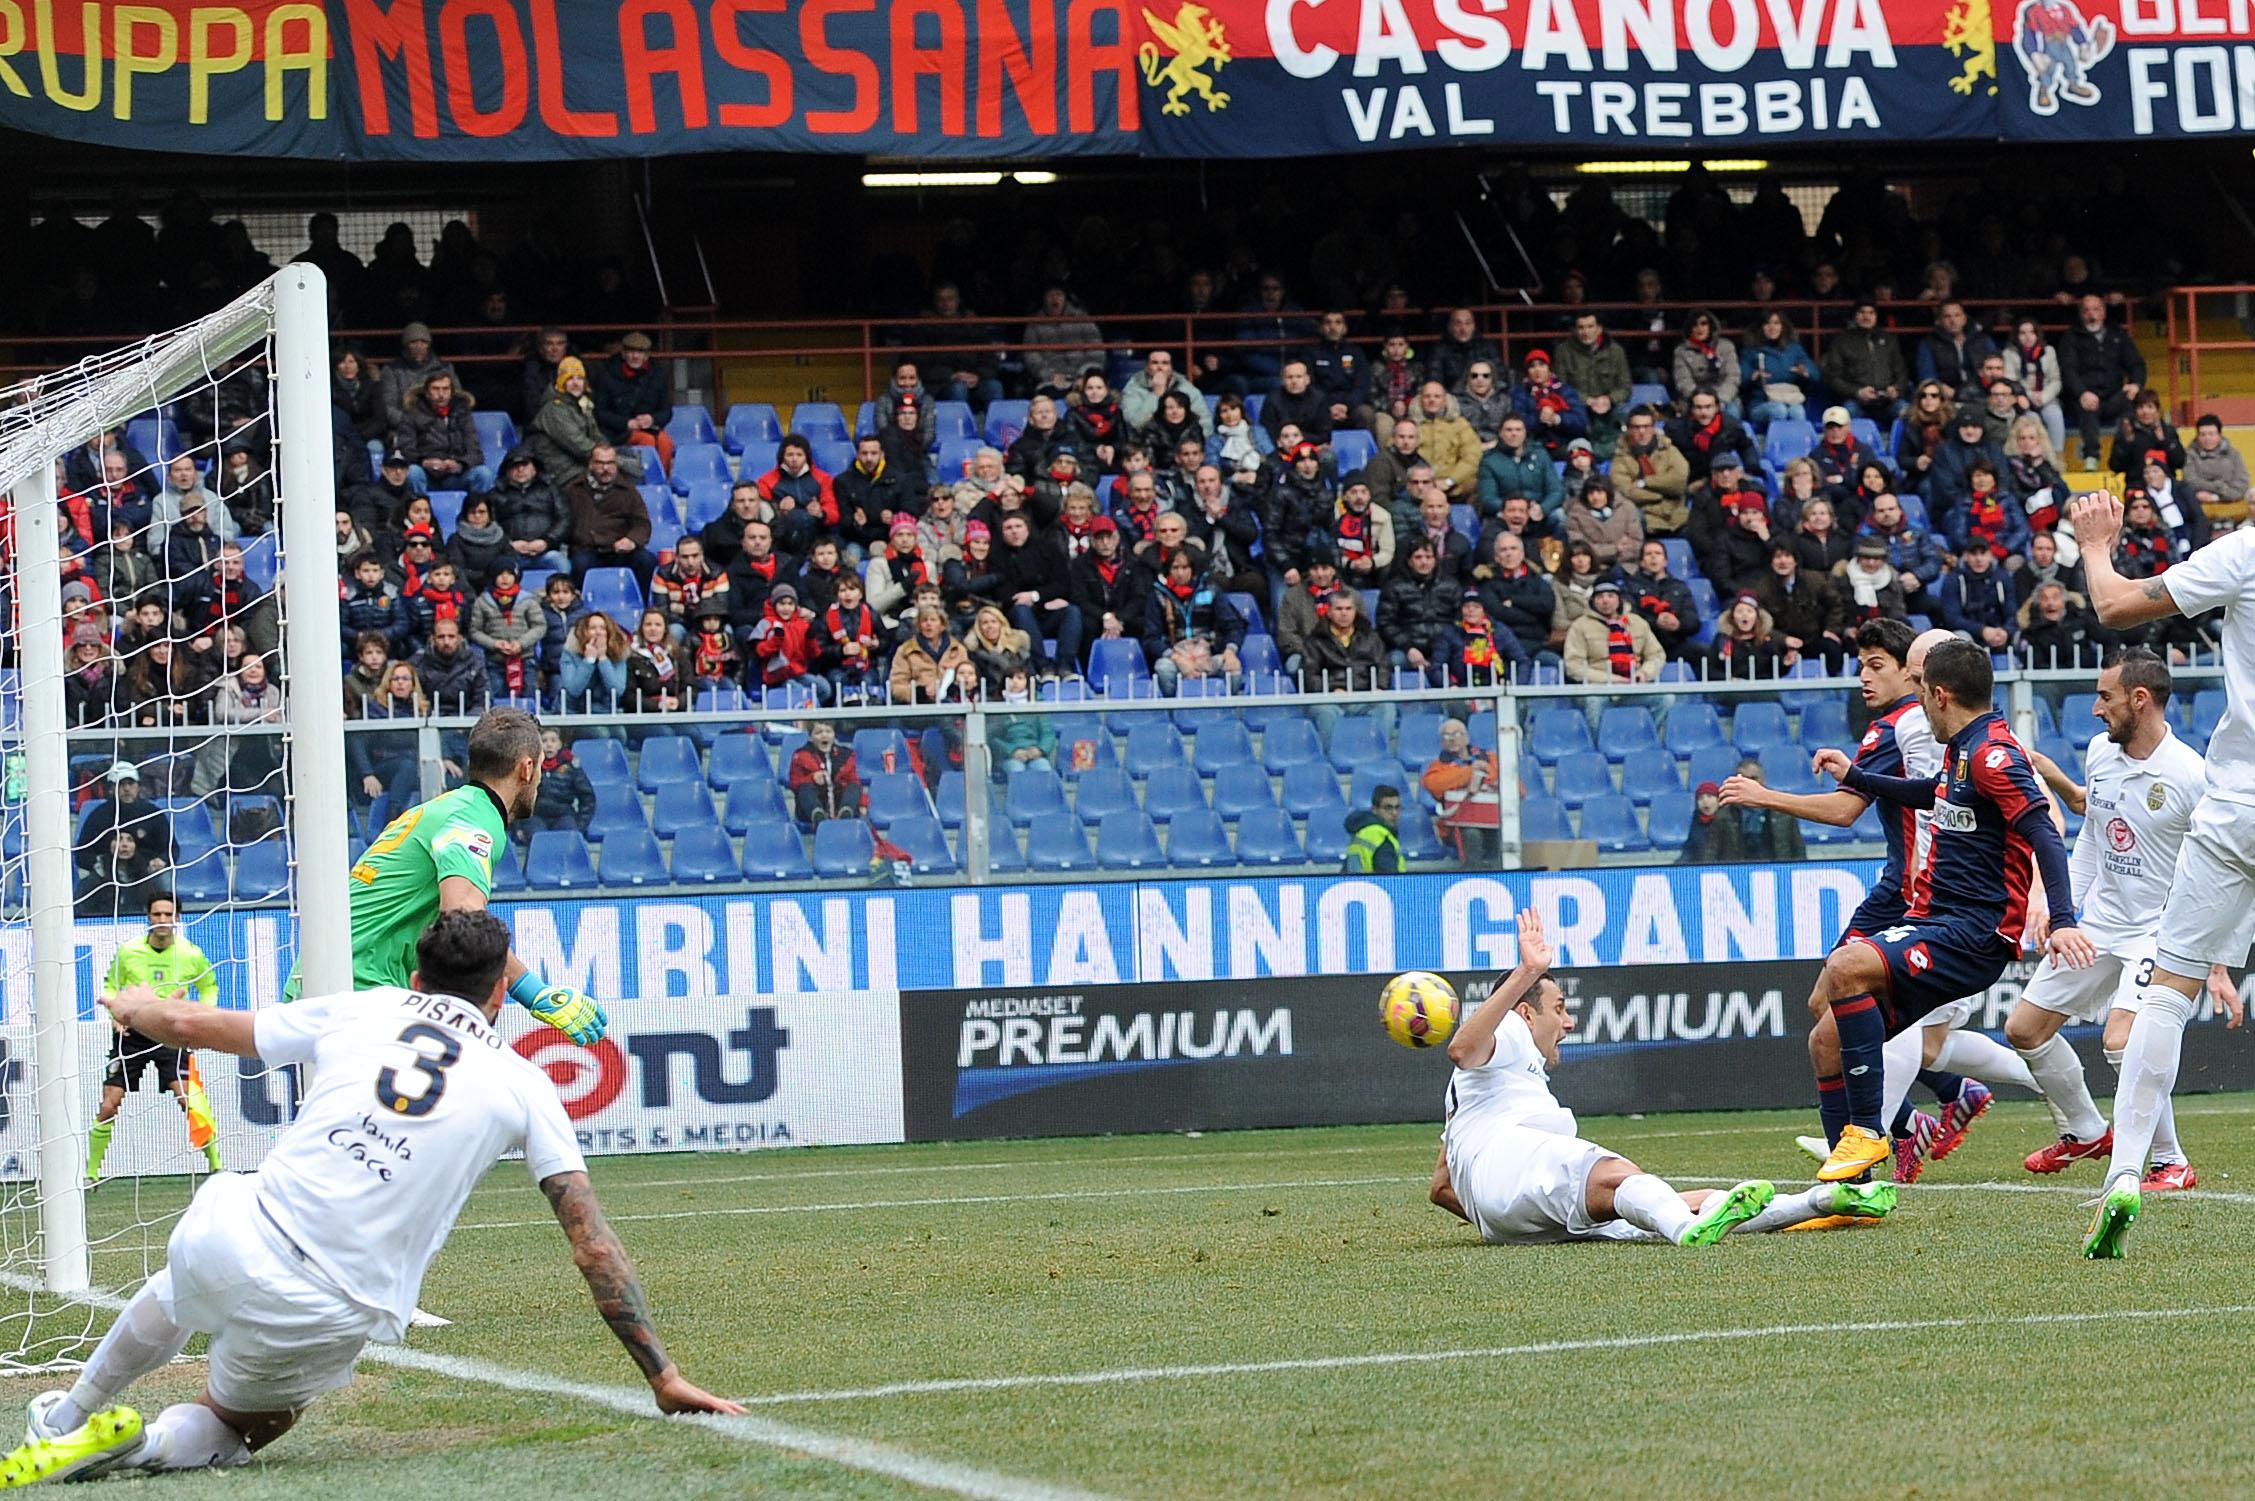 Trascinato da un incontenbile Niang, il Genoa batte 5-2 a Marassi il Verona e rimane agganciato al treno Europa League. Parte subito forte il Grifone, che passa al 10' con un'autorete di Agostini e raddoppia 2' dopo con il primo gol in Serie A dell'ex Milan. Toni prova a scuotere i suoi (20'), ma Niang firma la doppietta. Nella ripresa Toni riapre la gara (12'), Gomez prende un palo clamoroso, Bertolacci cala il poker (20') e Perotti fa cinquina (41').<br /><br />